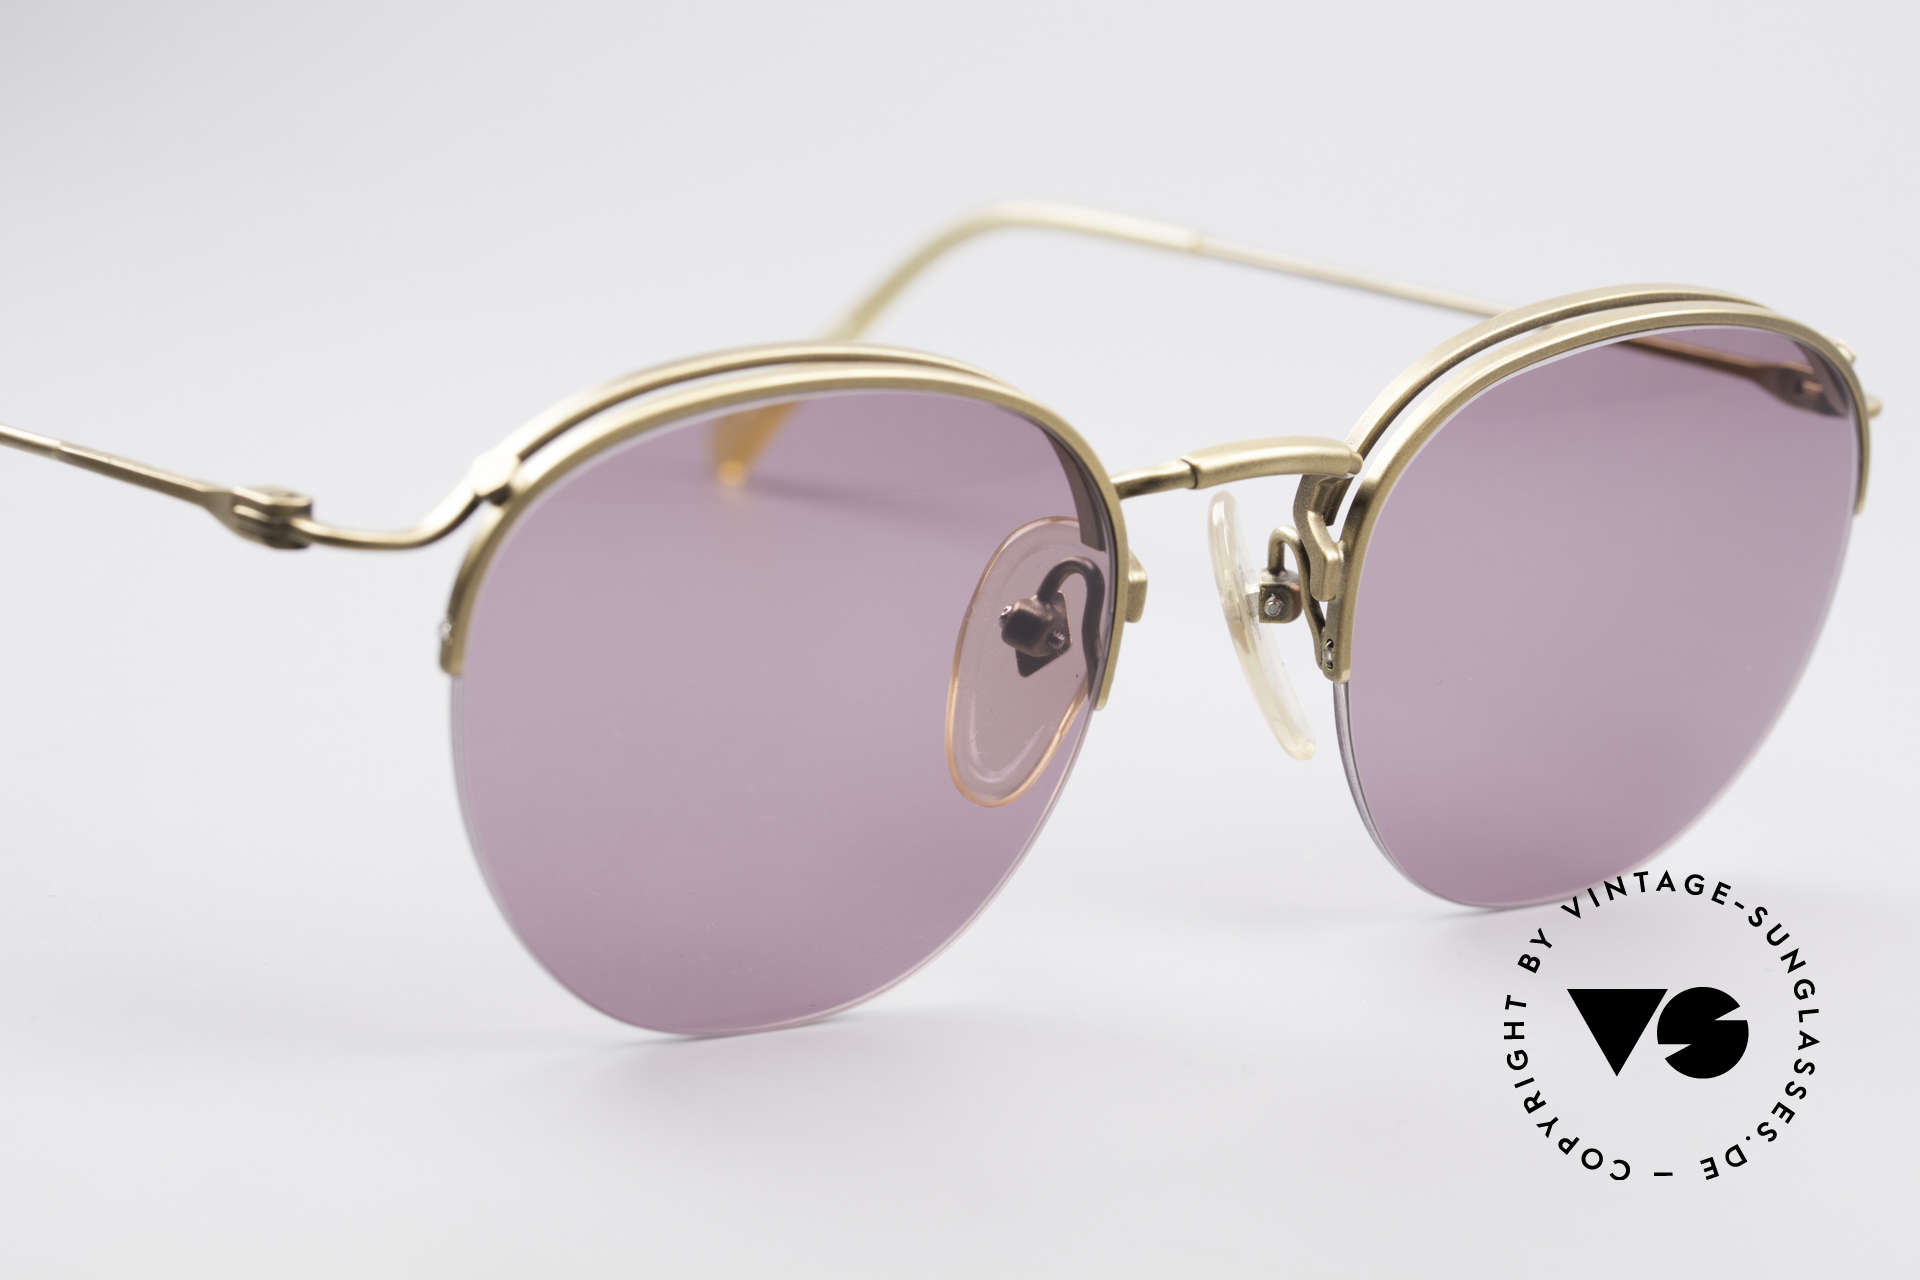 Jean Paul Gaultier 55-1172 True Vintage Sonnenbrille, toller Farbkontrast zwischen Gläsern & Rahmen, Passend für Herren und Damen